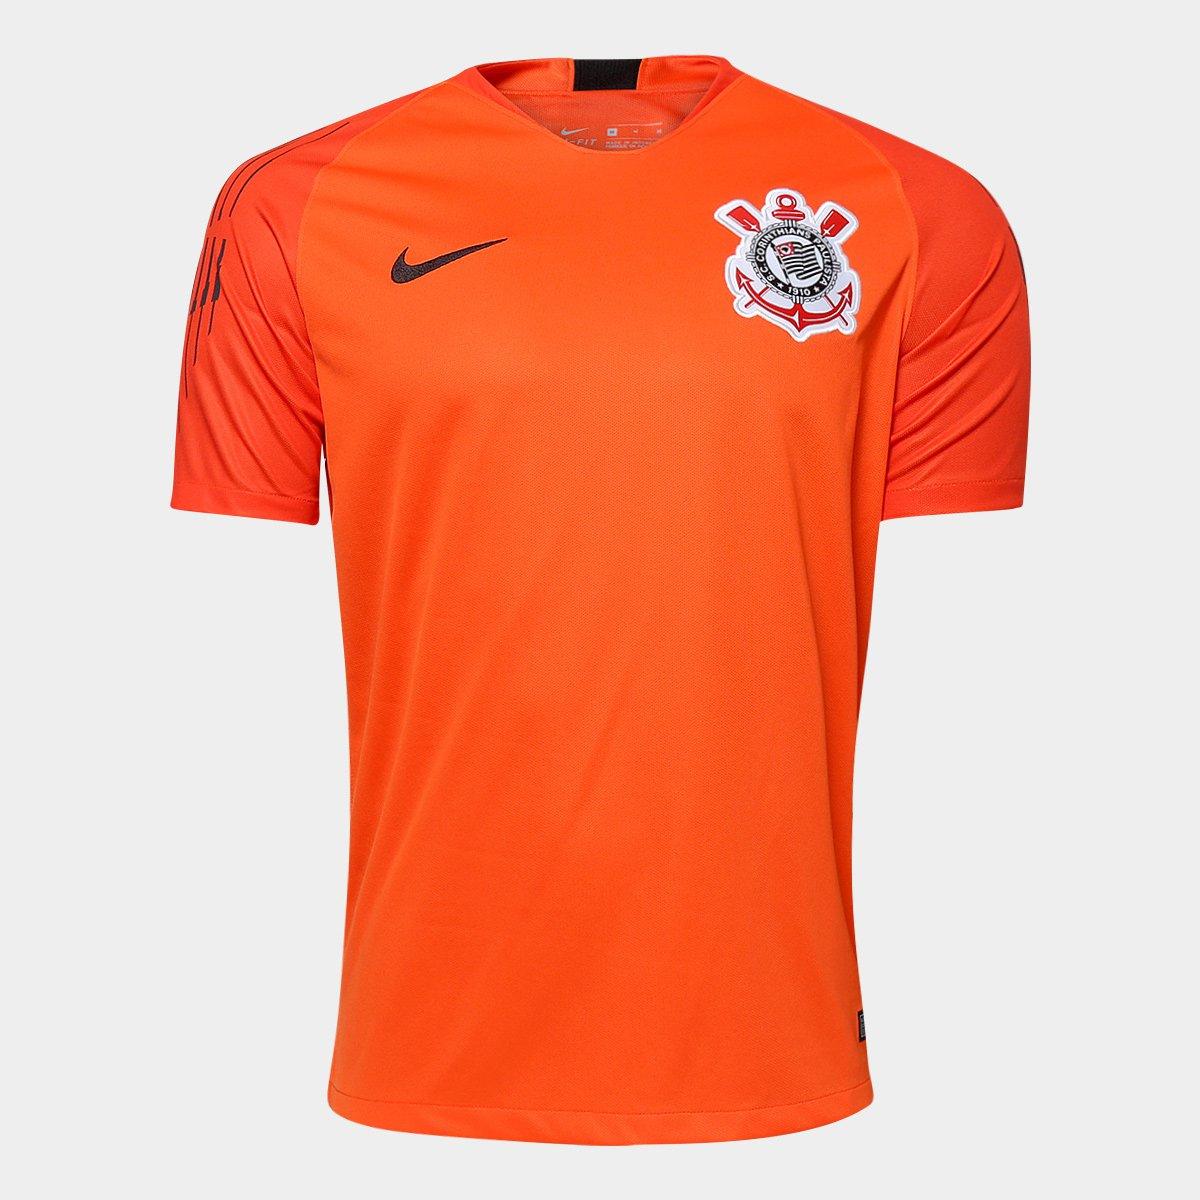 cfd5eb8cb Camisa de Goleiro Corinthians 2018 s n° - Torcedor Nike Masculina ...